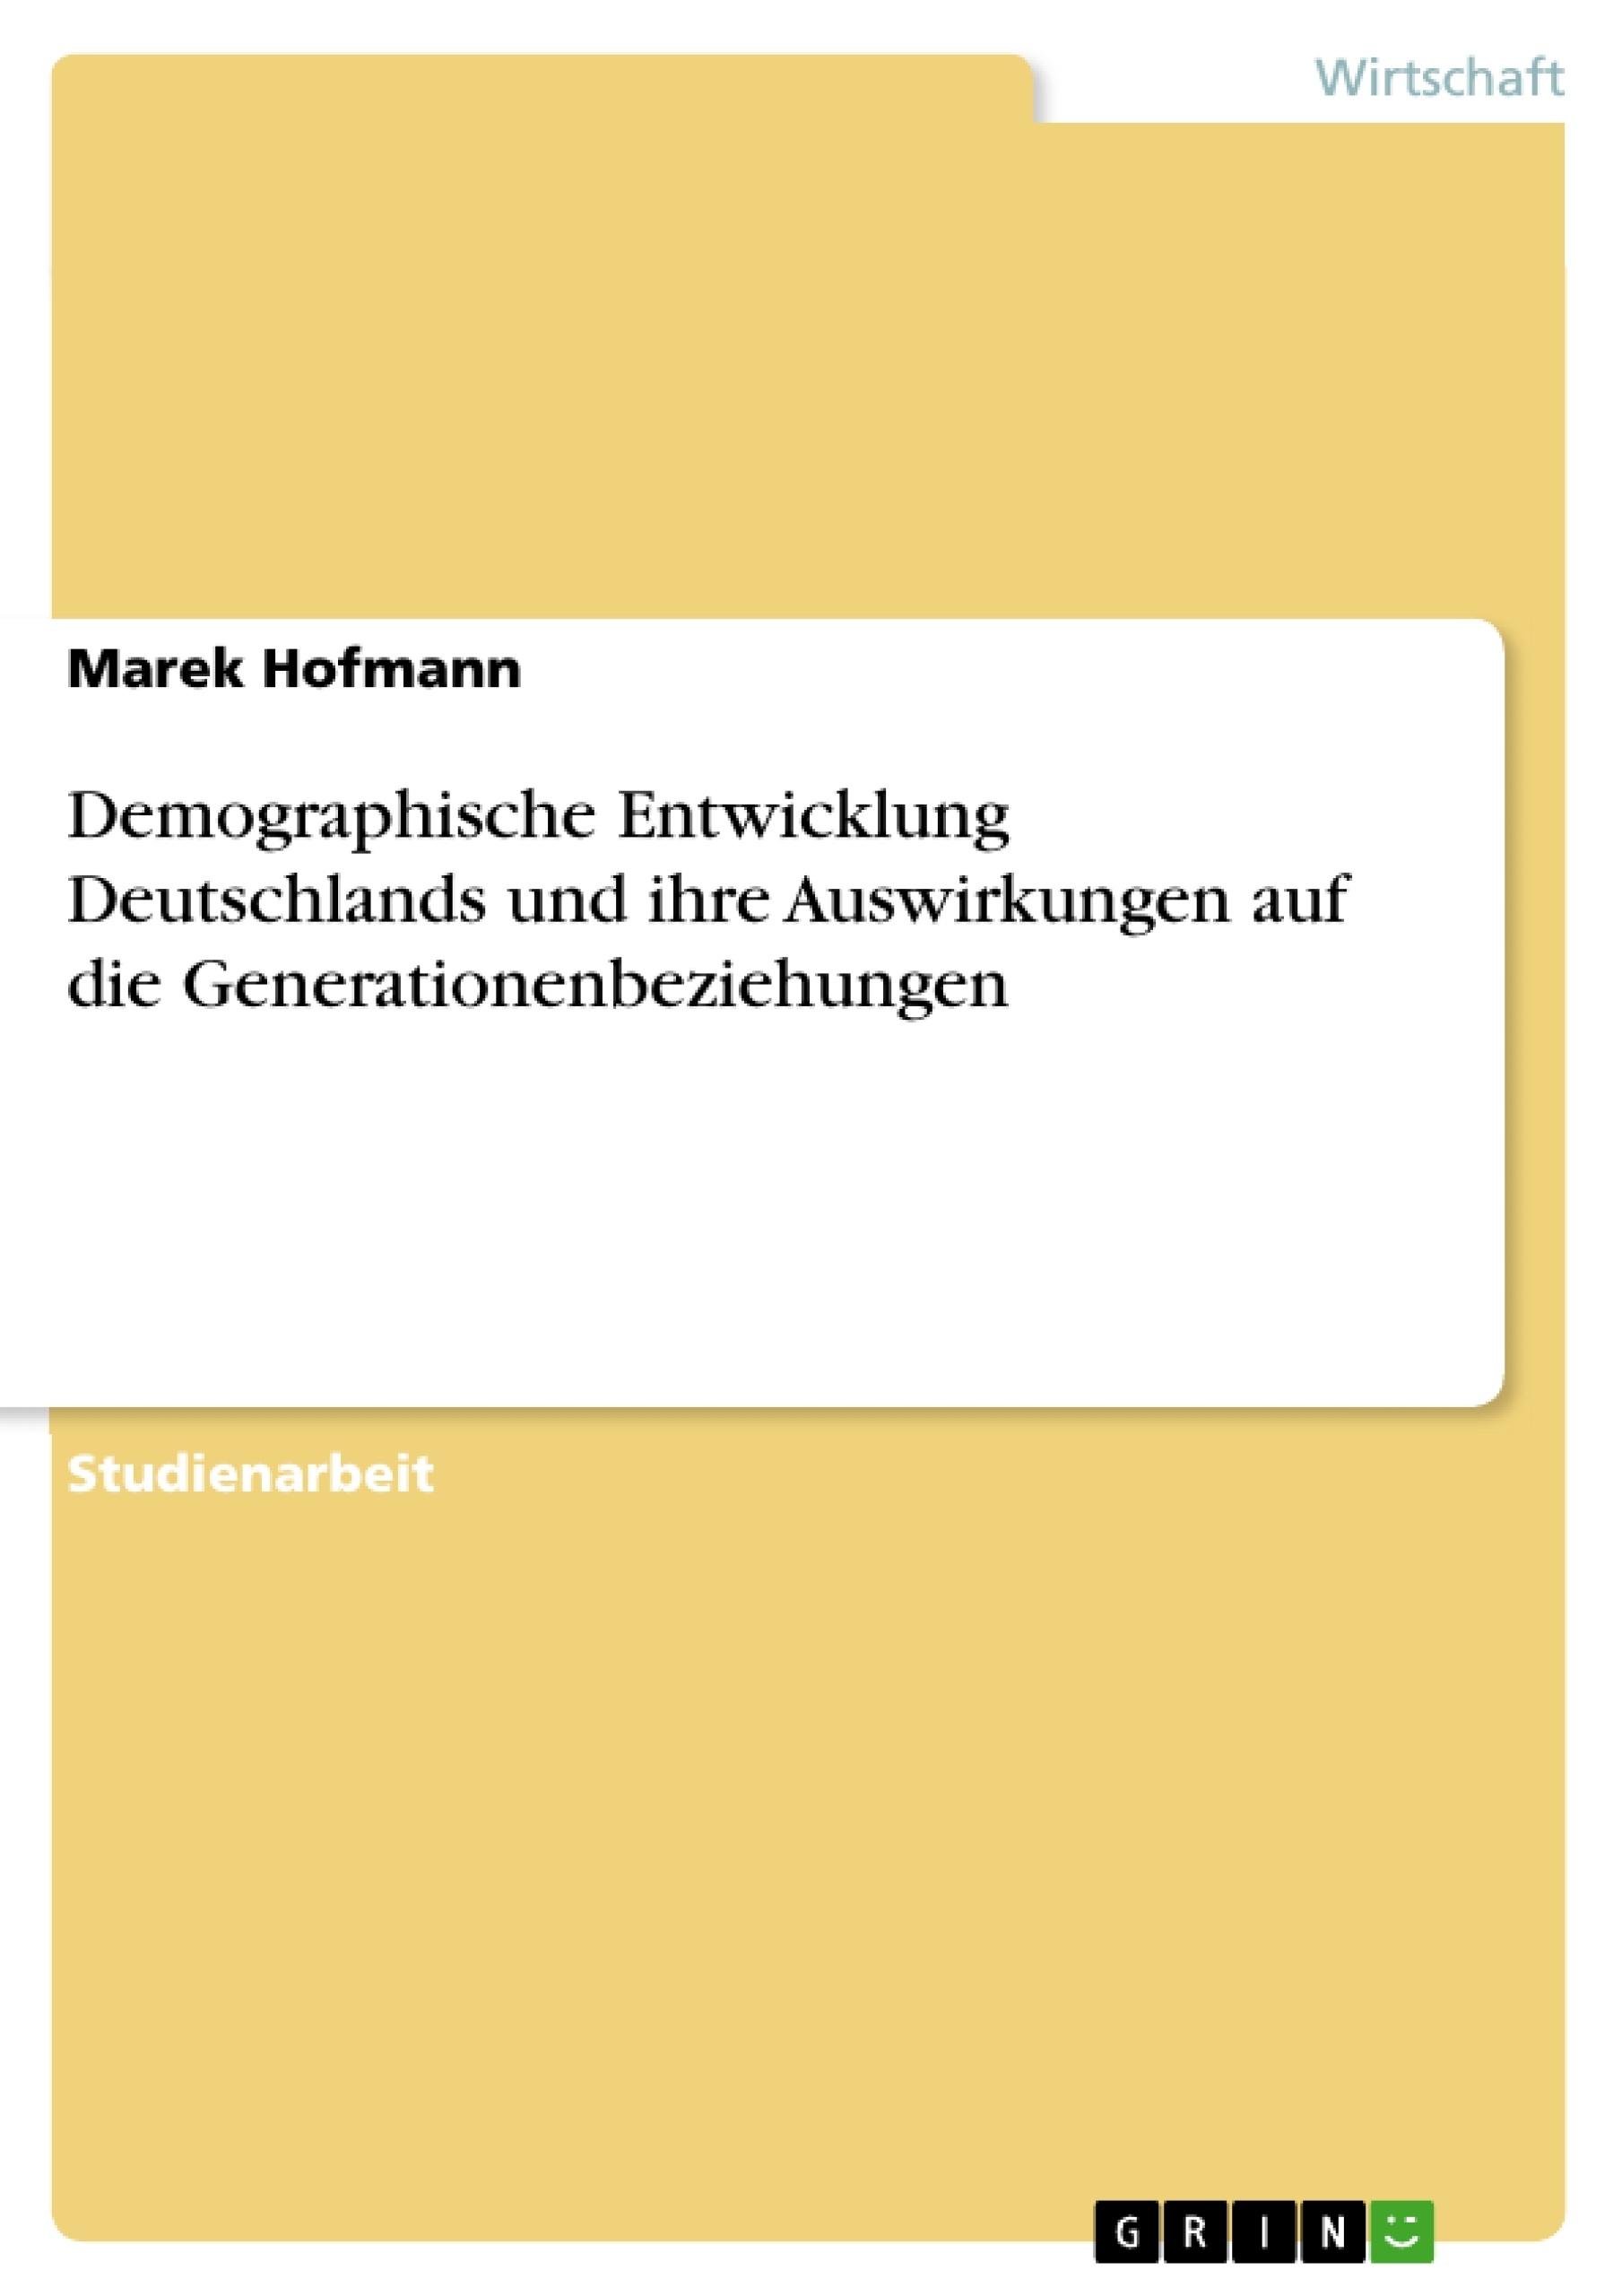 Titel: Demographische Entwicklung Deutschlands und ihre Auswirkungen auf die Generationenbeziehungen